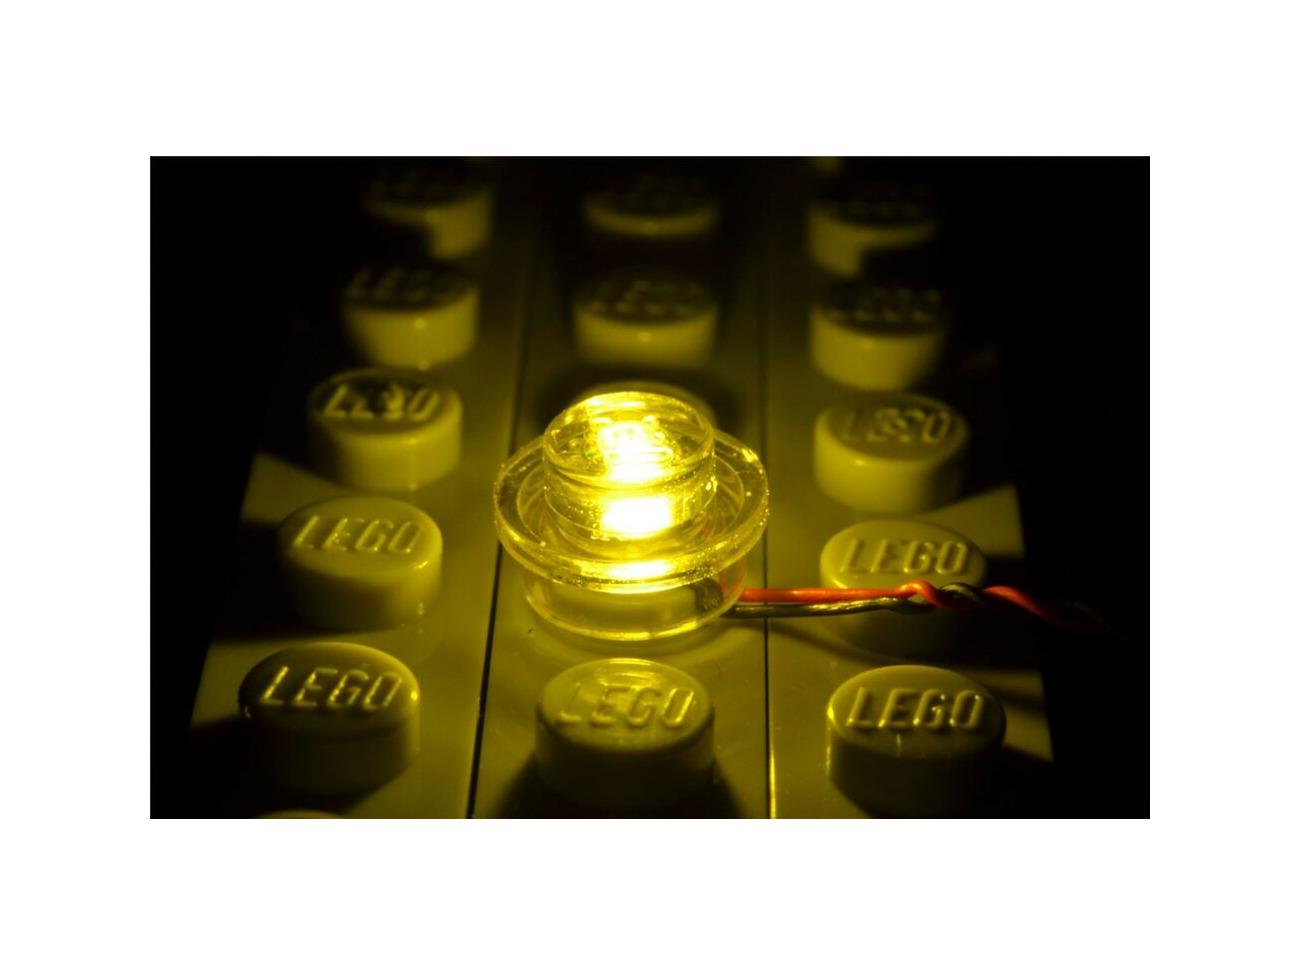 BRICKSTUFF LIGHTING LIGHTS EFFECT STARTER KIT FOR LEGO MODELS TREE03